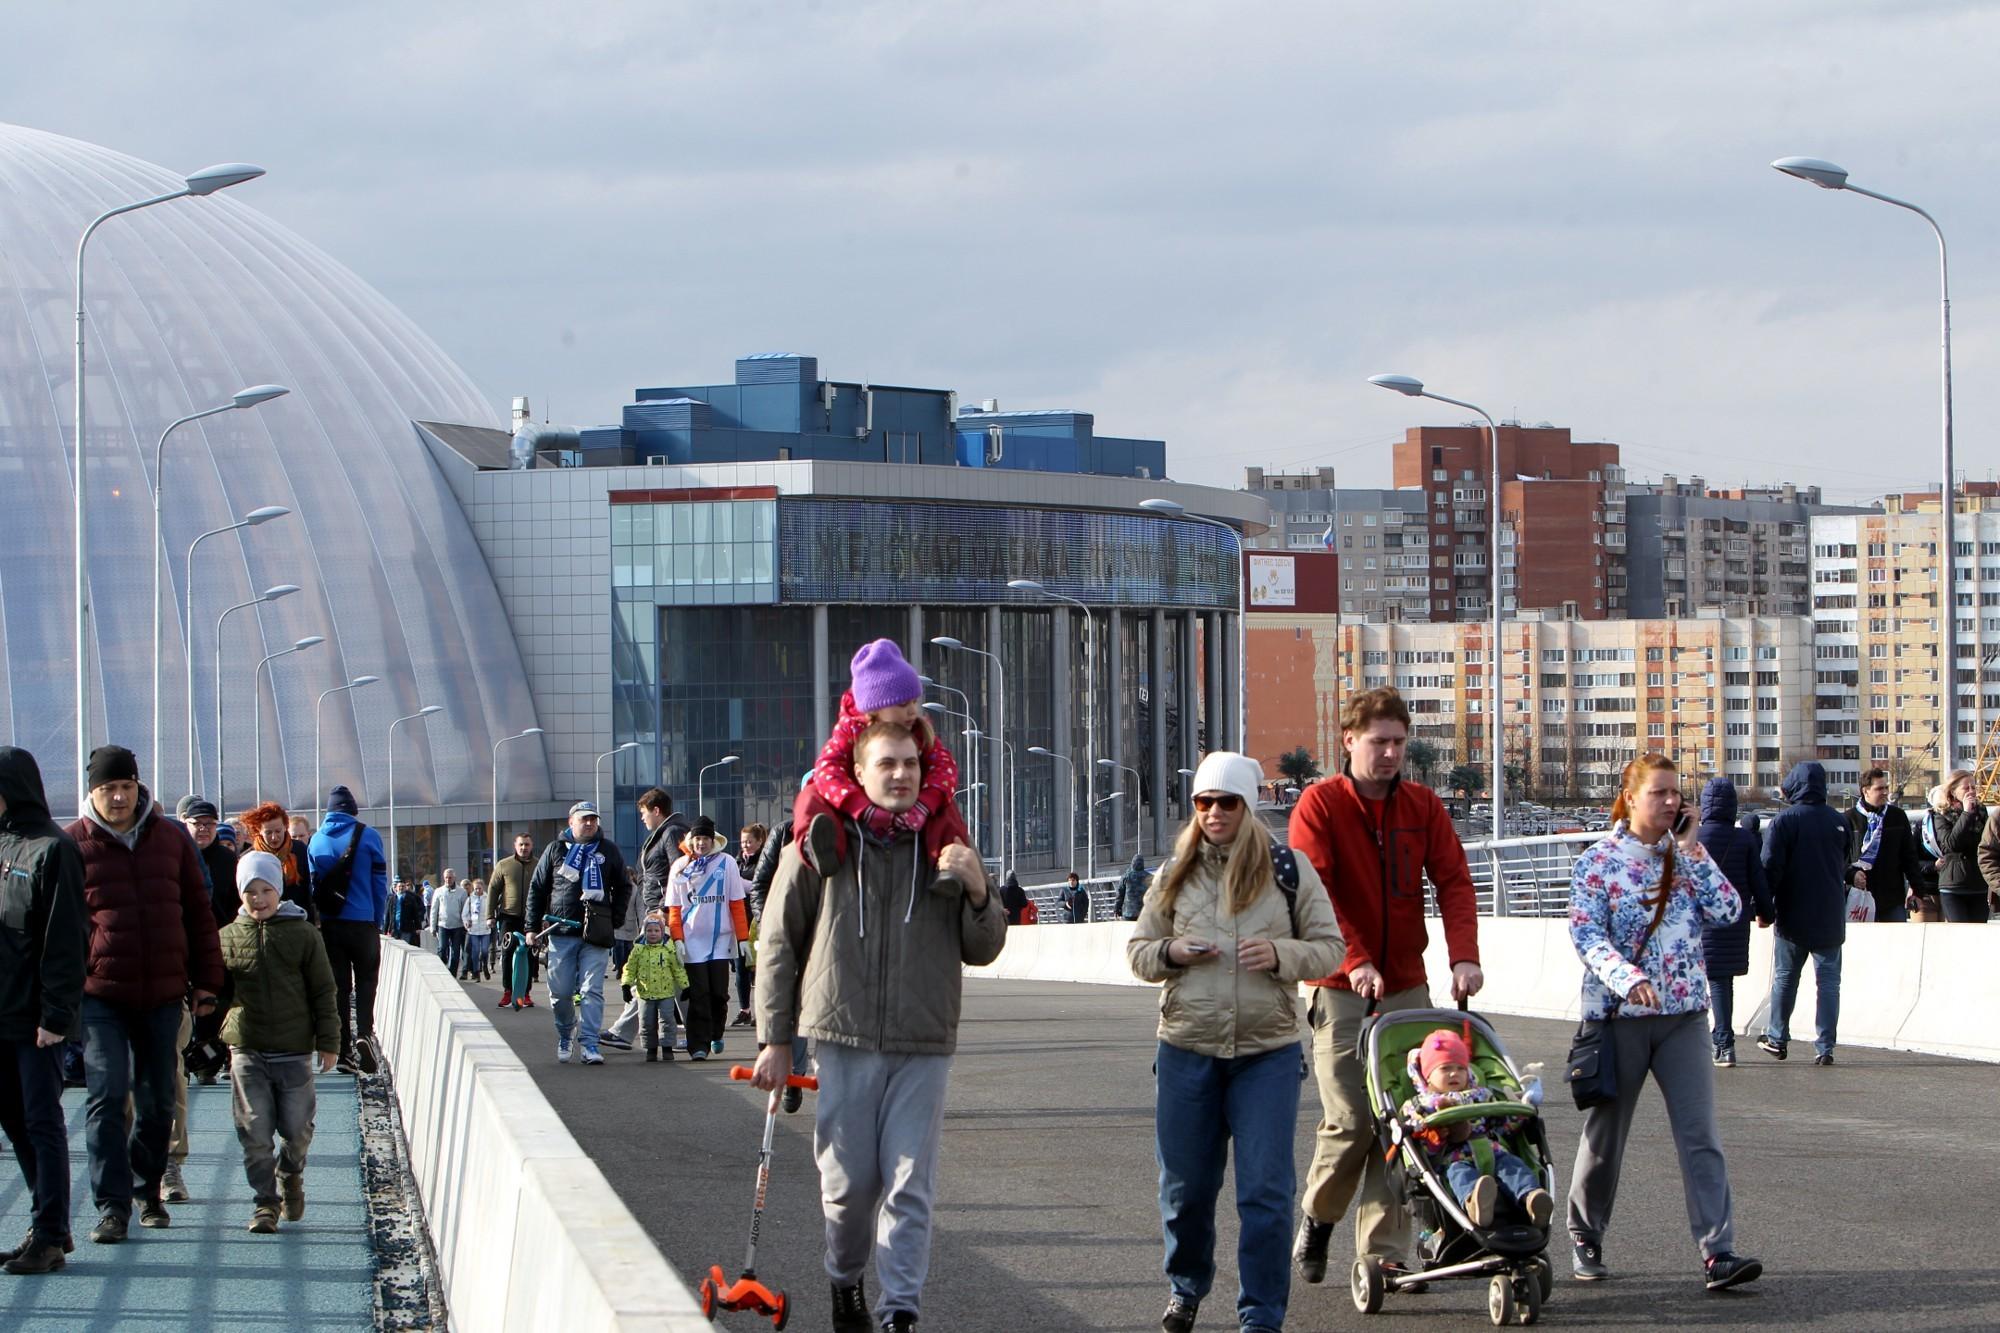 Яхтенный мост около «Зенит-арены» открыли для пешеходов